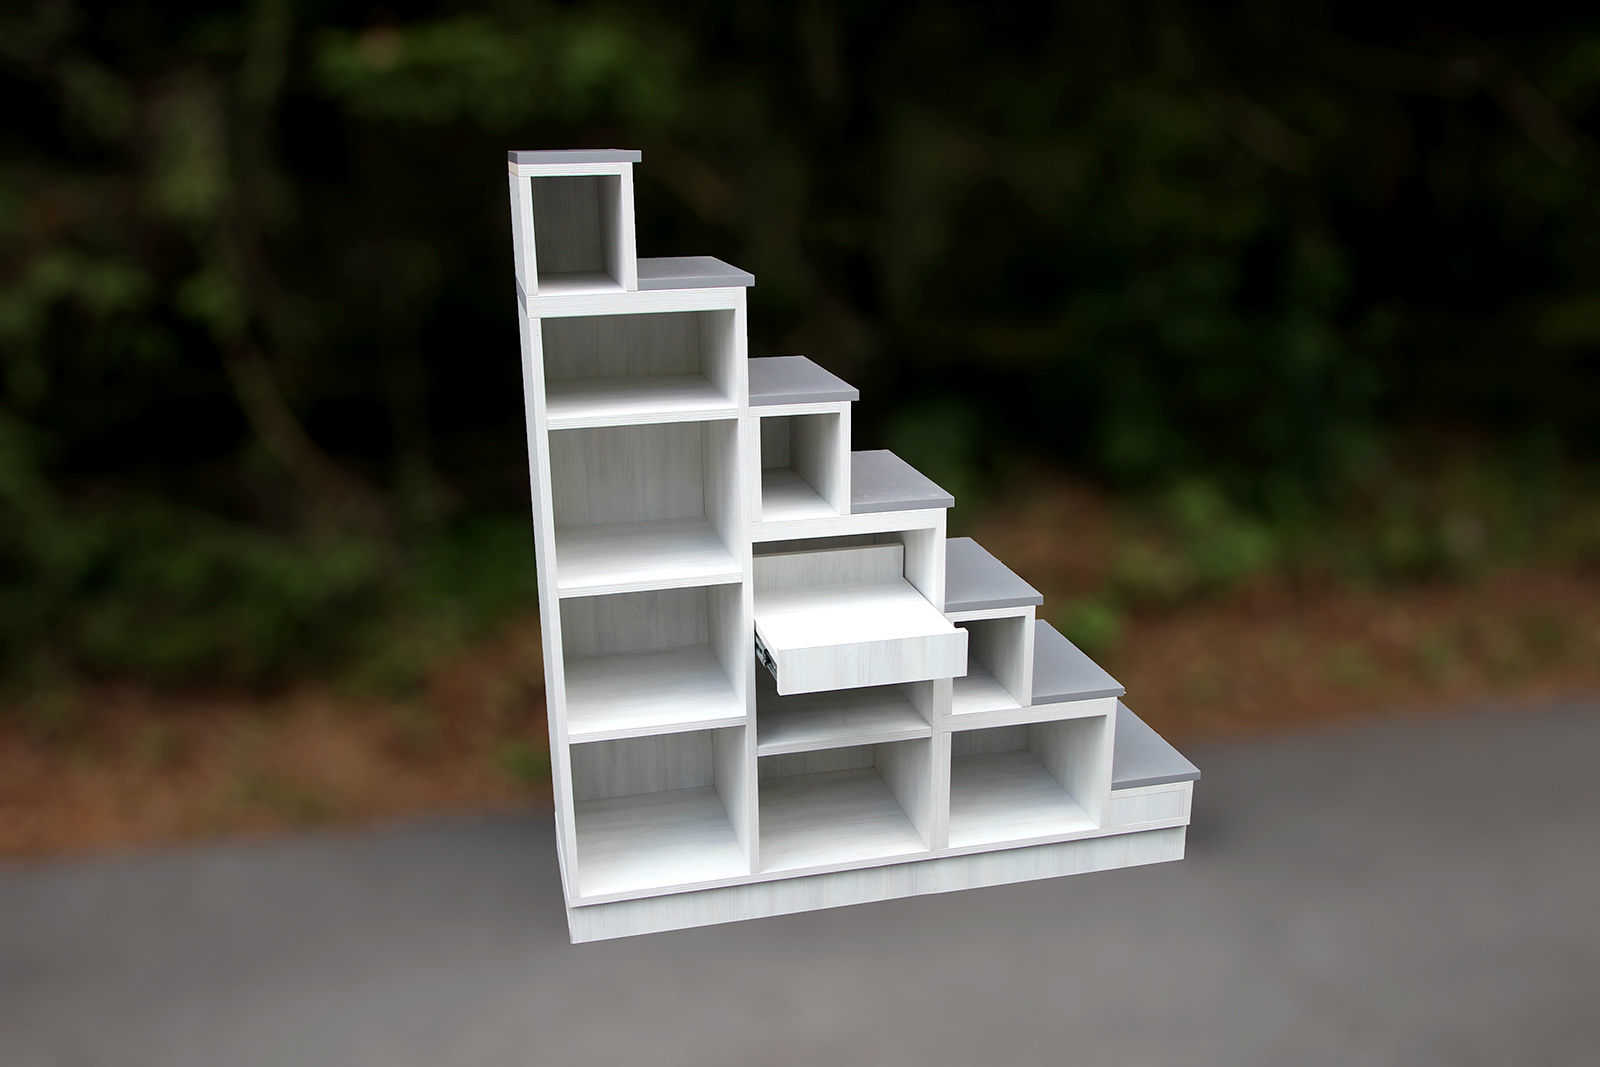 meuble escalier escalier indon sien sur meure. Black Bedroom Furniture Sets. Home Design Ideas